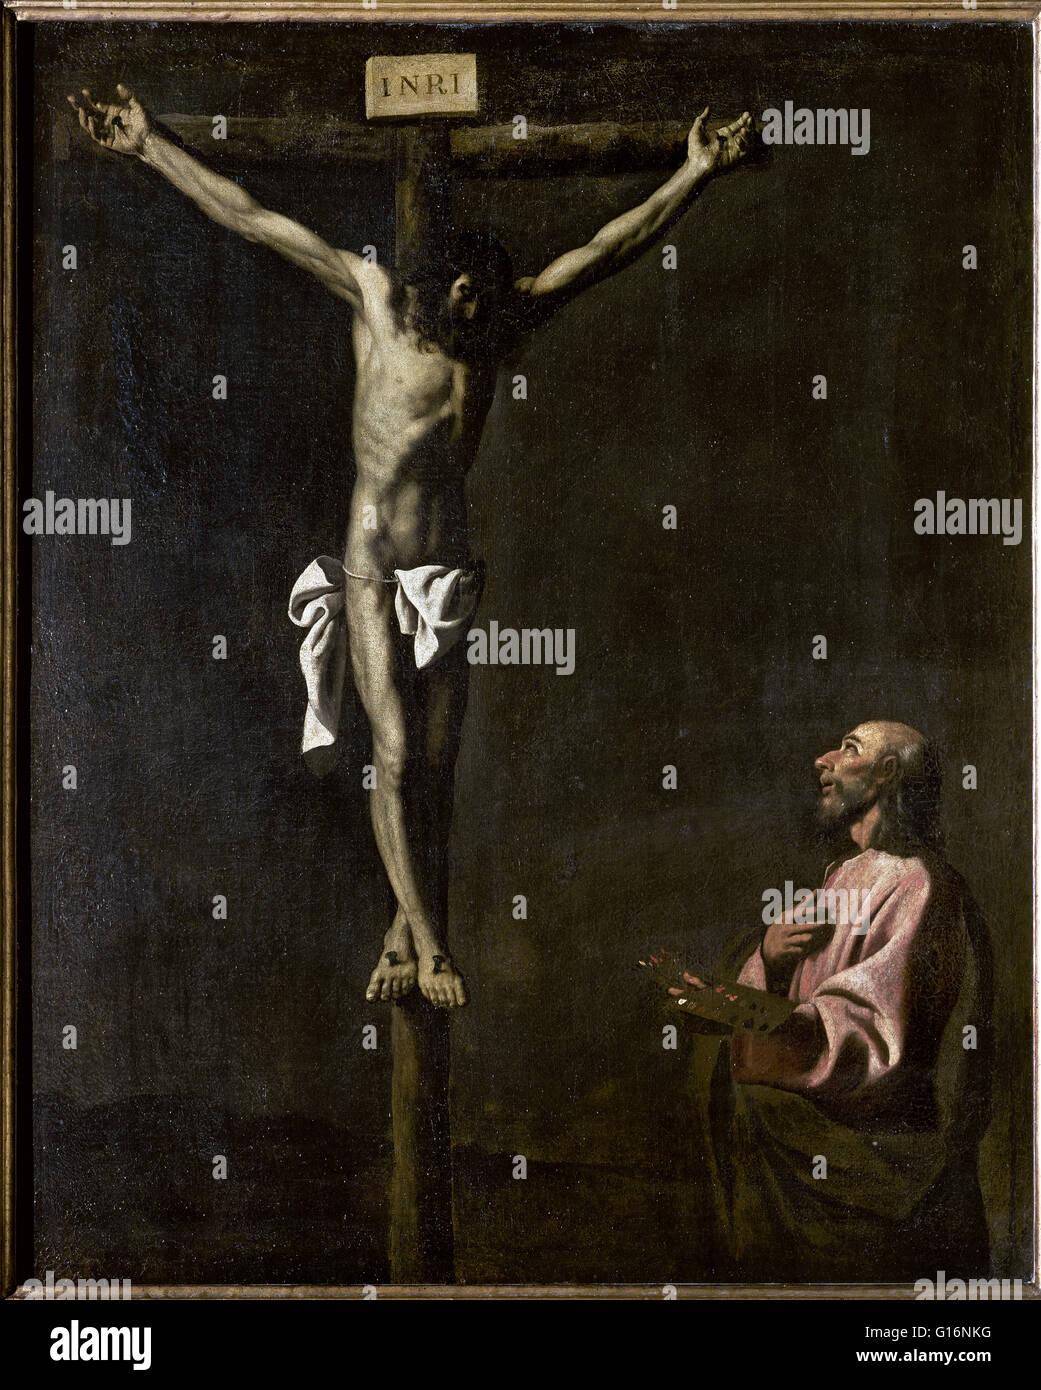 painting jesus christ crucified stock photos u0026 painting jesus